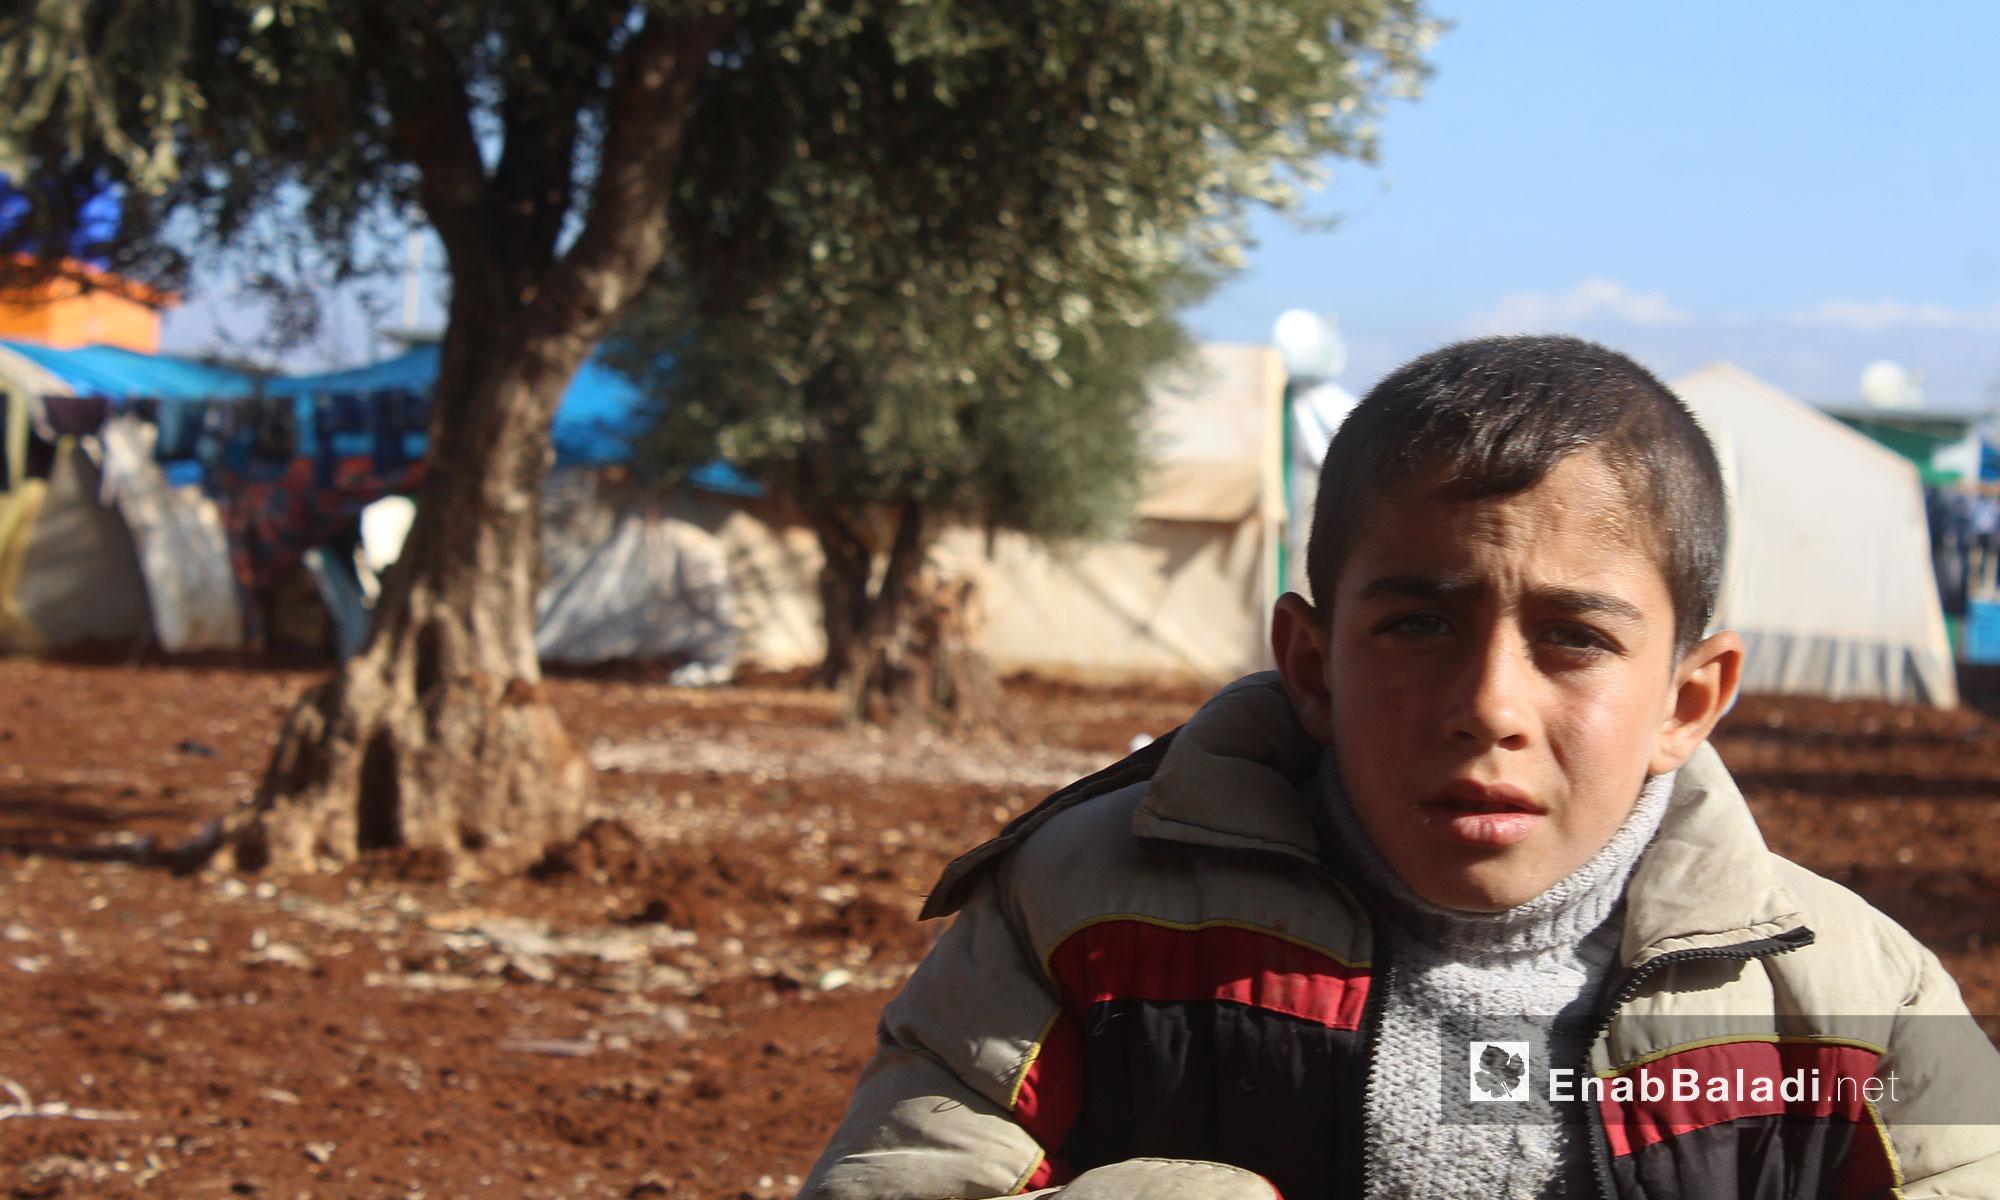 طفل في مخيم الريحان بريف حلب الشمالي - 3 كانون الأول 2016 (عنب بلدي)